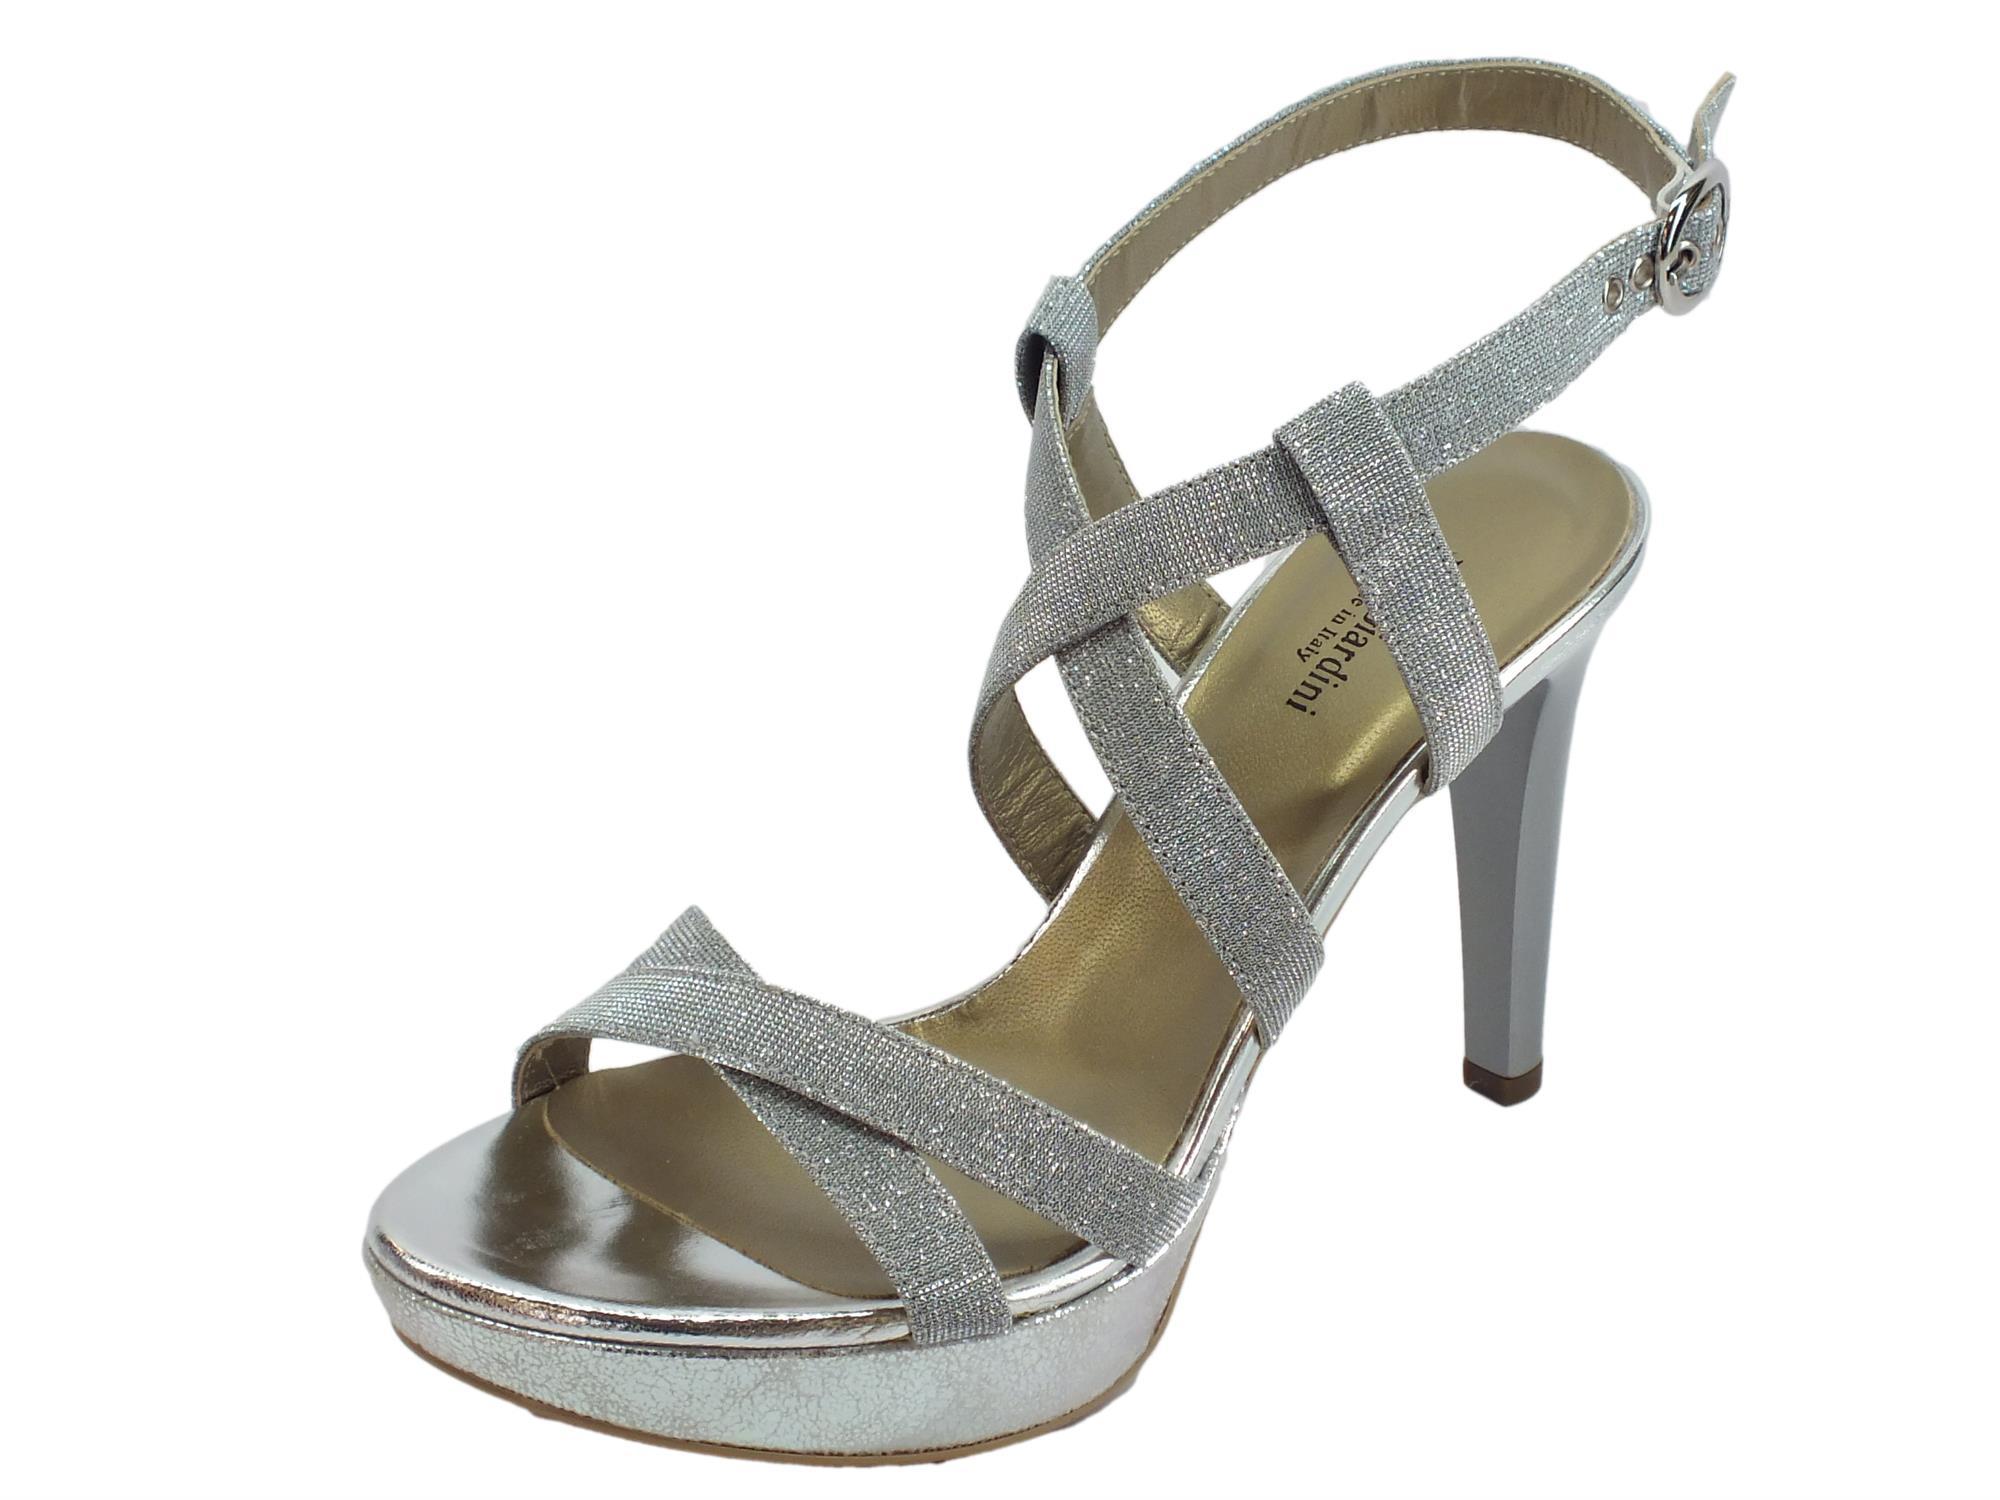 acquista per il meglio bellissimo stile rapporto qualità-prezzo NeroGiardini P908490DE T. Notturno 500 Ghiaccio sandali eleganti tacco alto  argento satinato